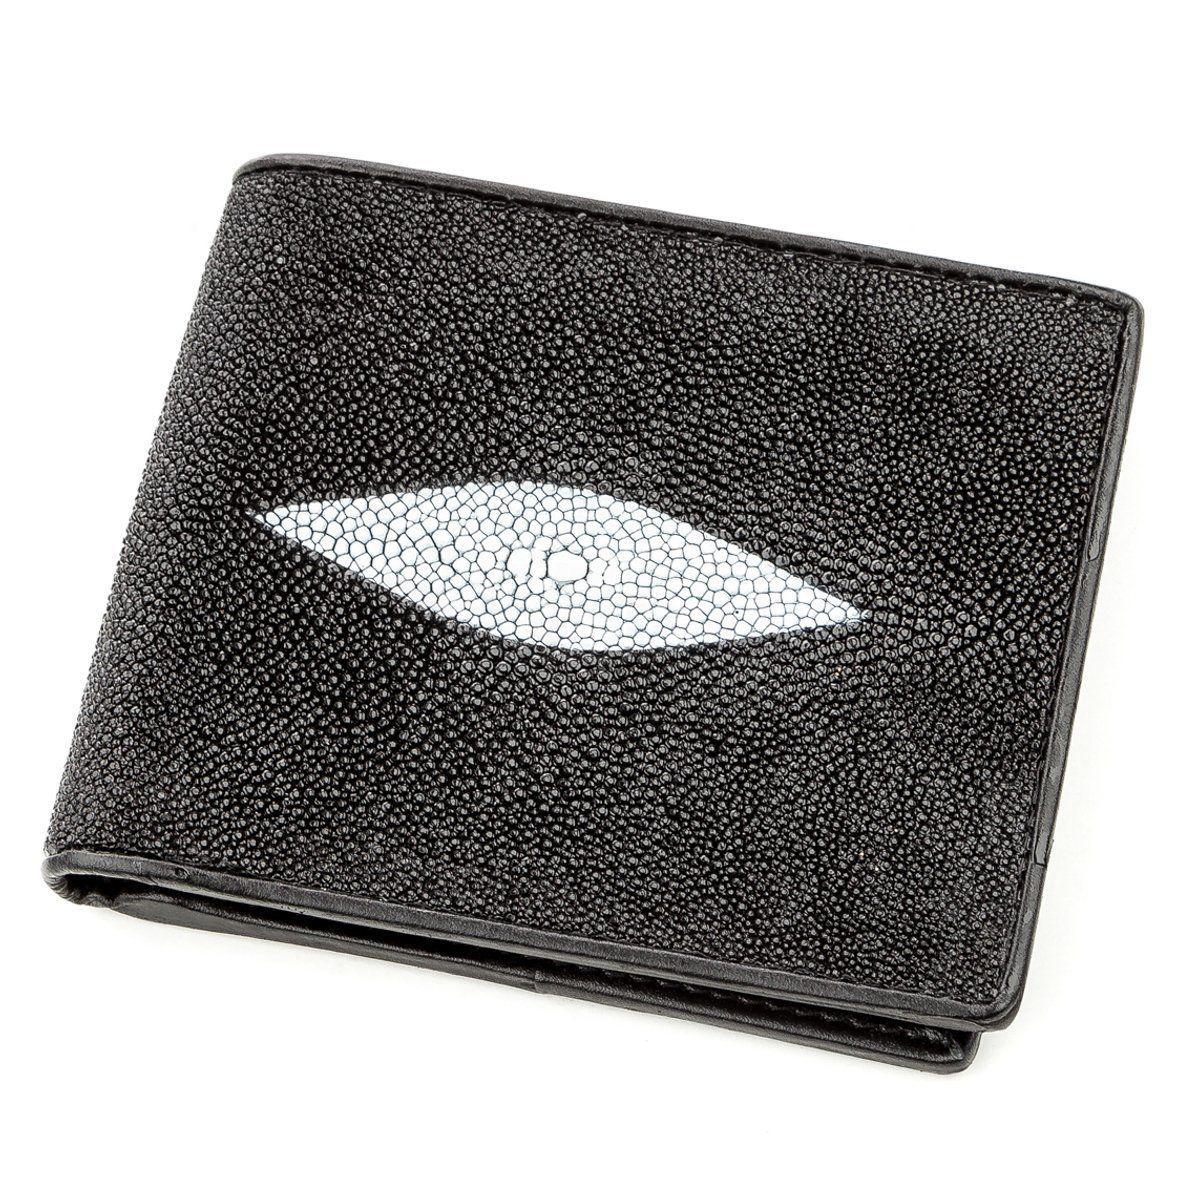 Бумажник мужской STINGRAY LEATHER 18563 из натуральной кожи морского ската Черный